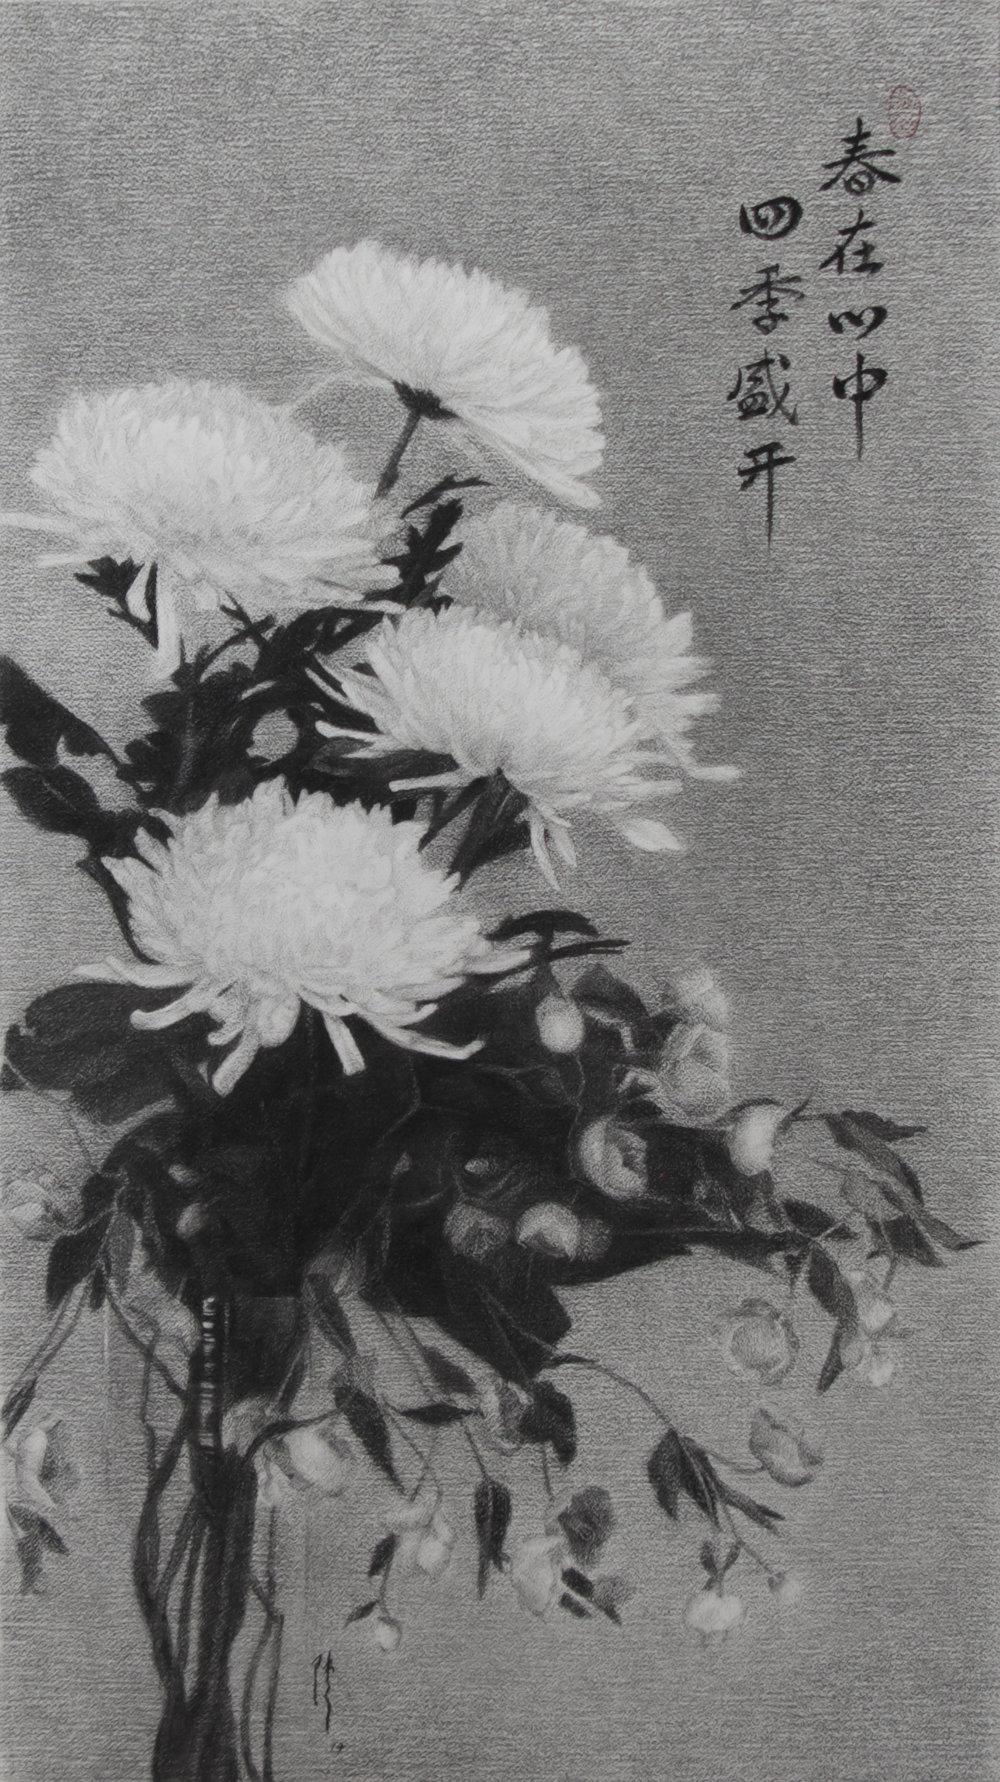 春在心中 四季盛开   charcoal on paper 2018  commissioned. Words by Liang Wern Fook; 字 梁文福 Calligraphy by Yong Gee Lin; 写 杨如莲